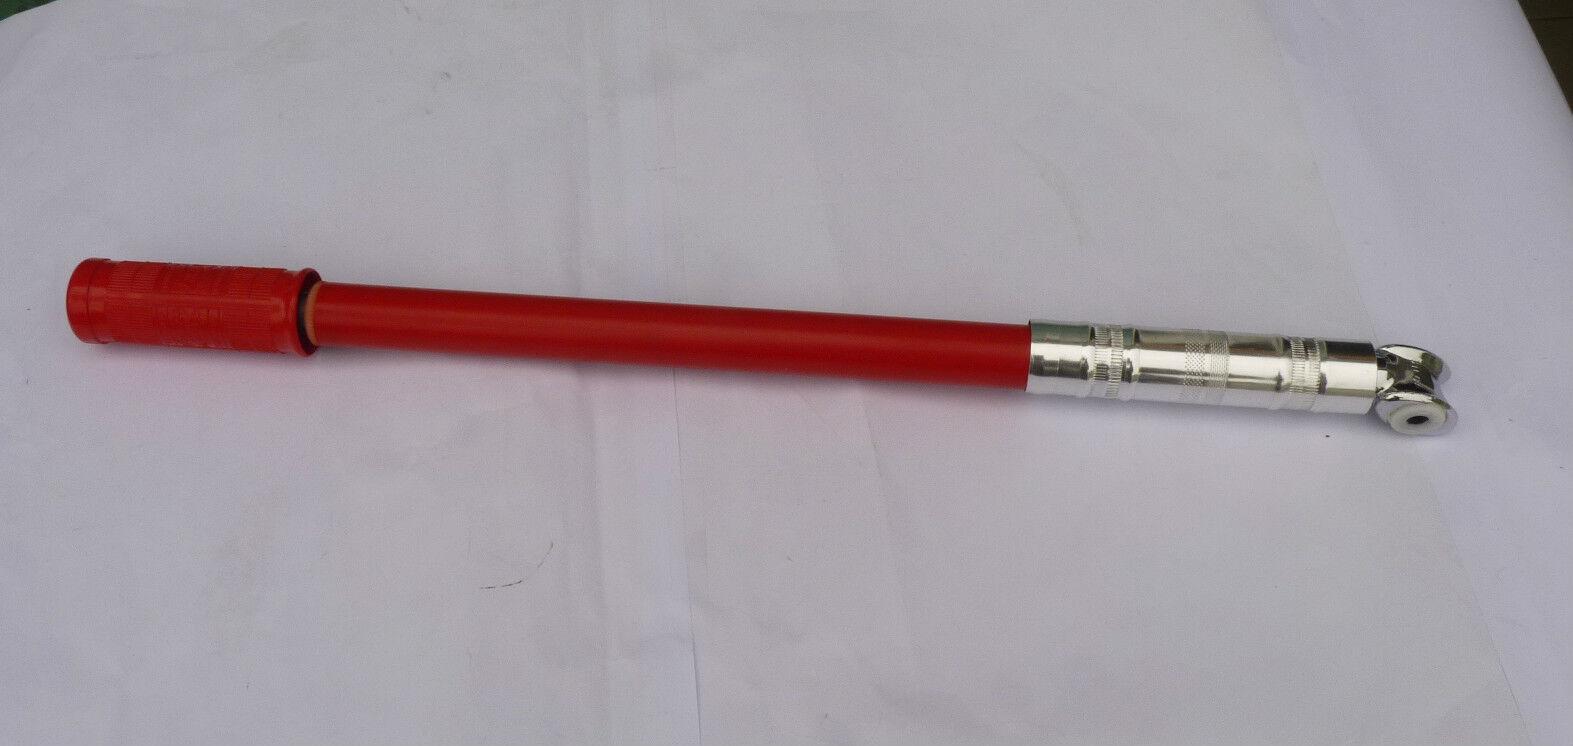 NOS vintage Silca Impero- Flandria frame pump 49.5cm Red color  P266ca